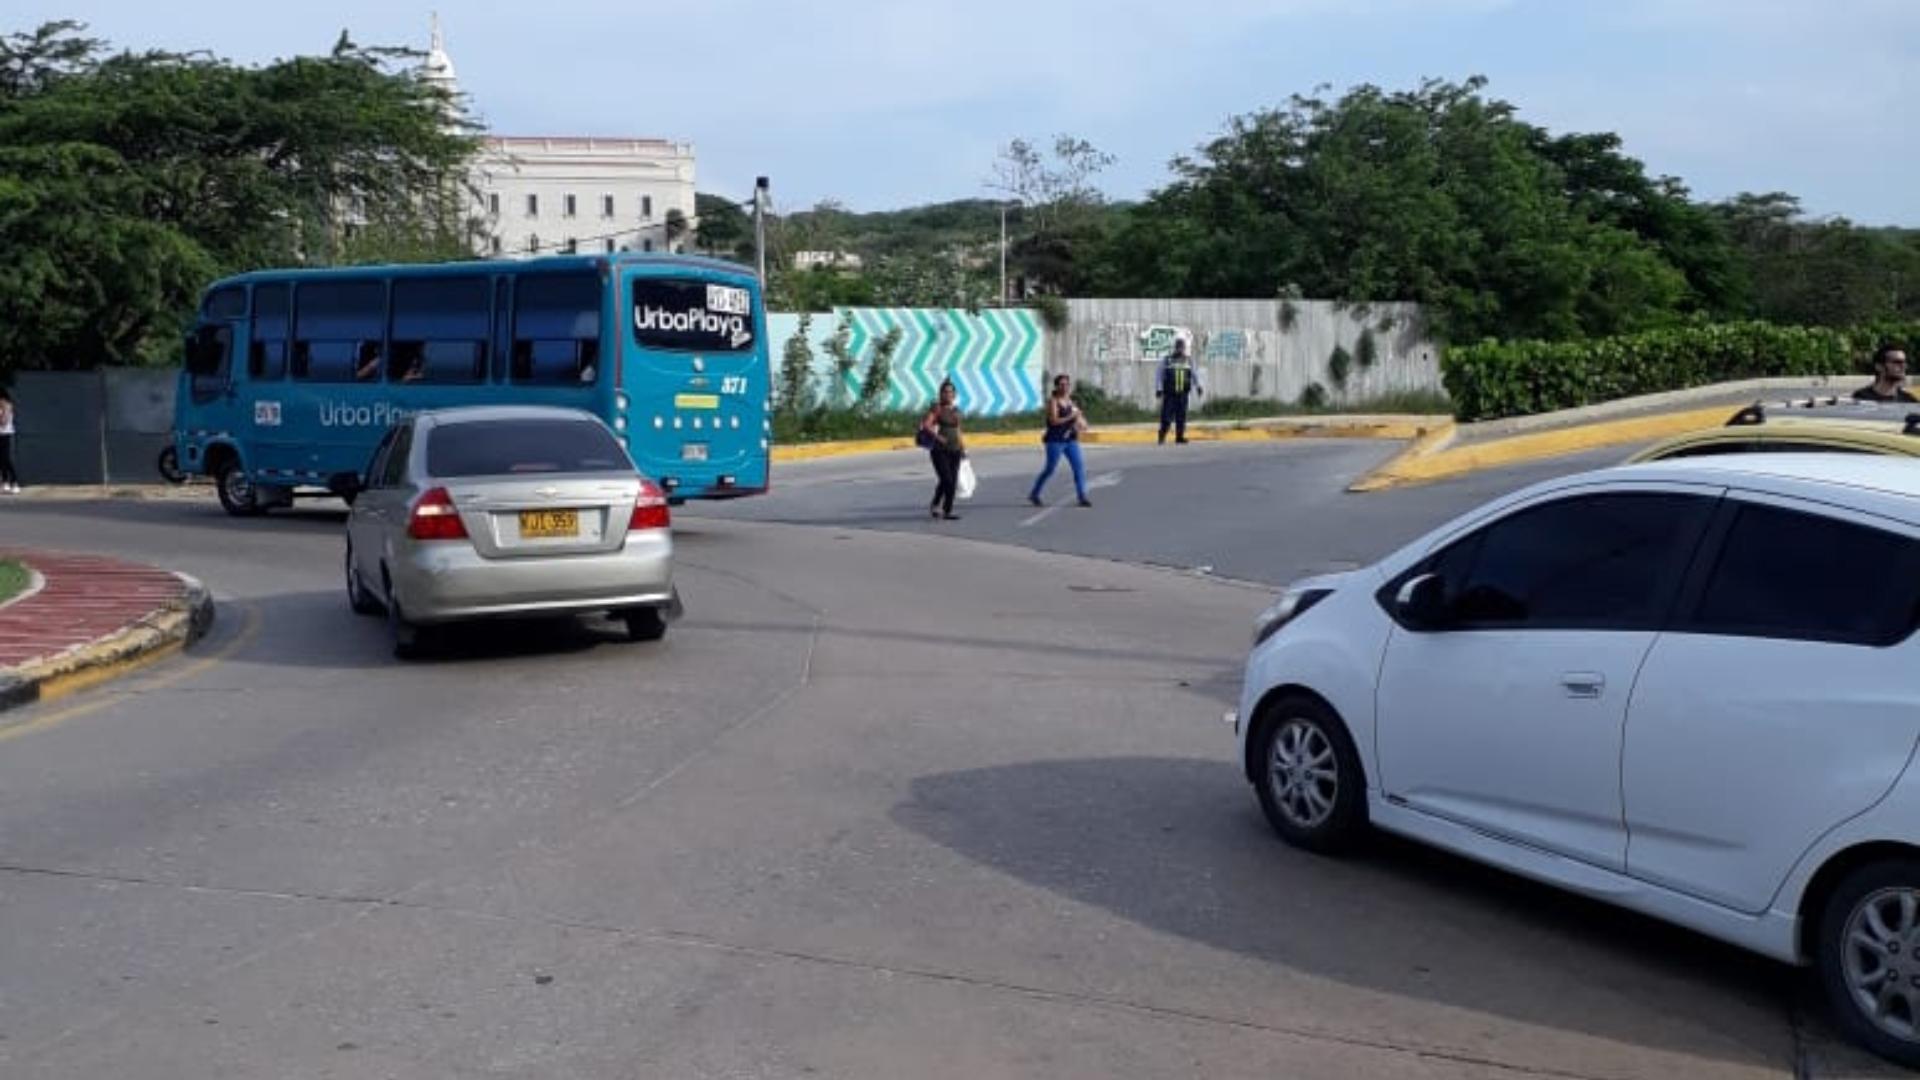 Los carros empezaron a circular luego de la llegada de los agentes reguladores.